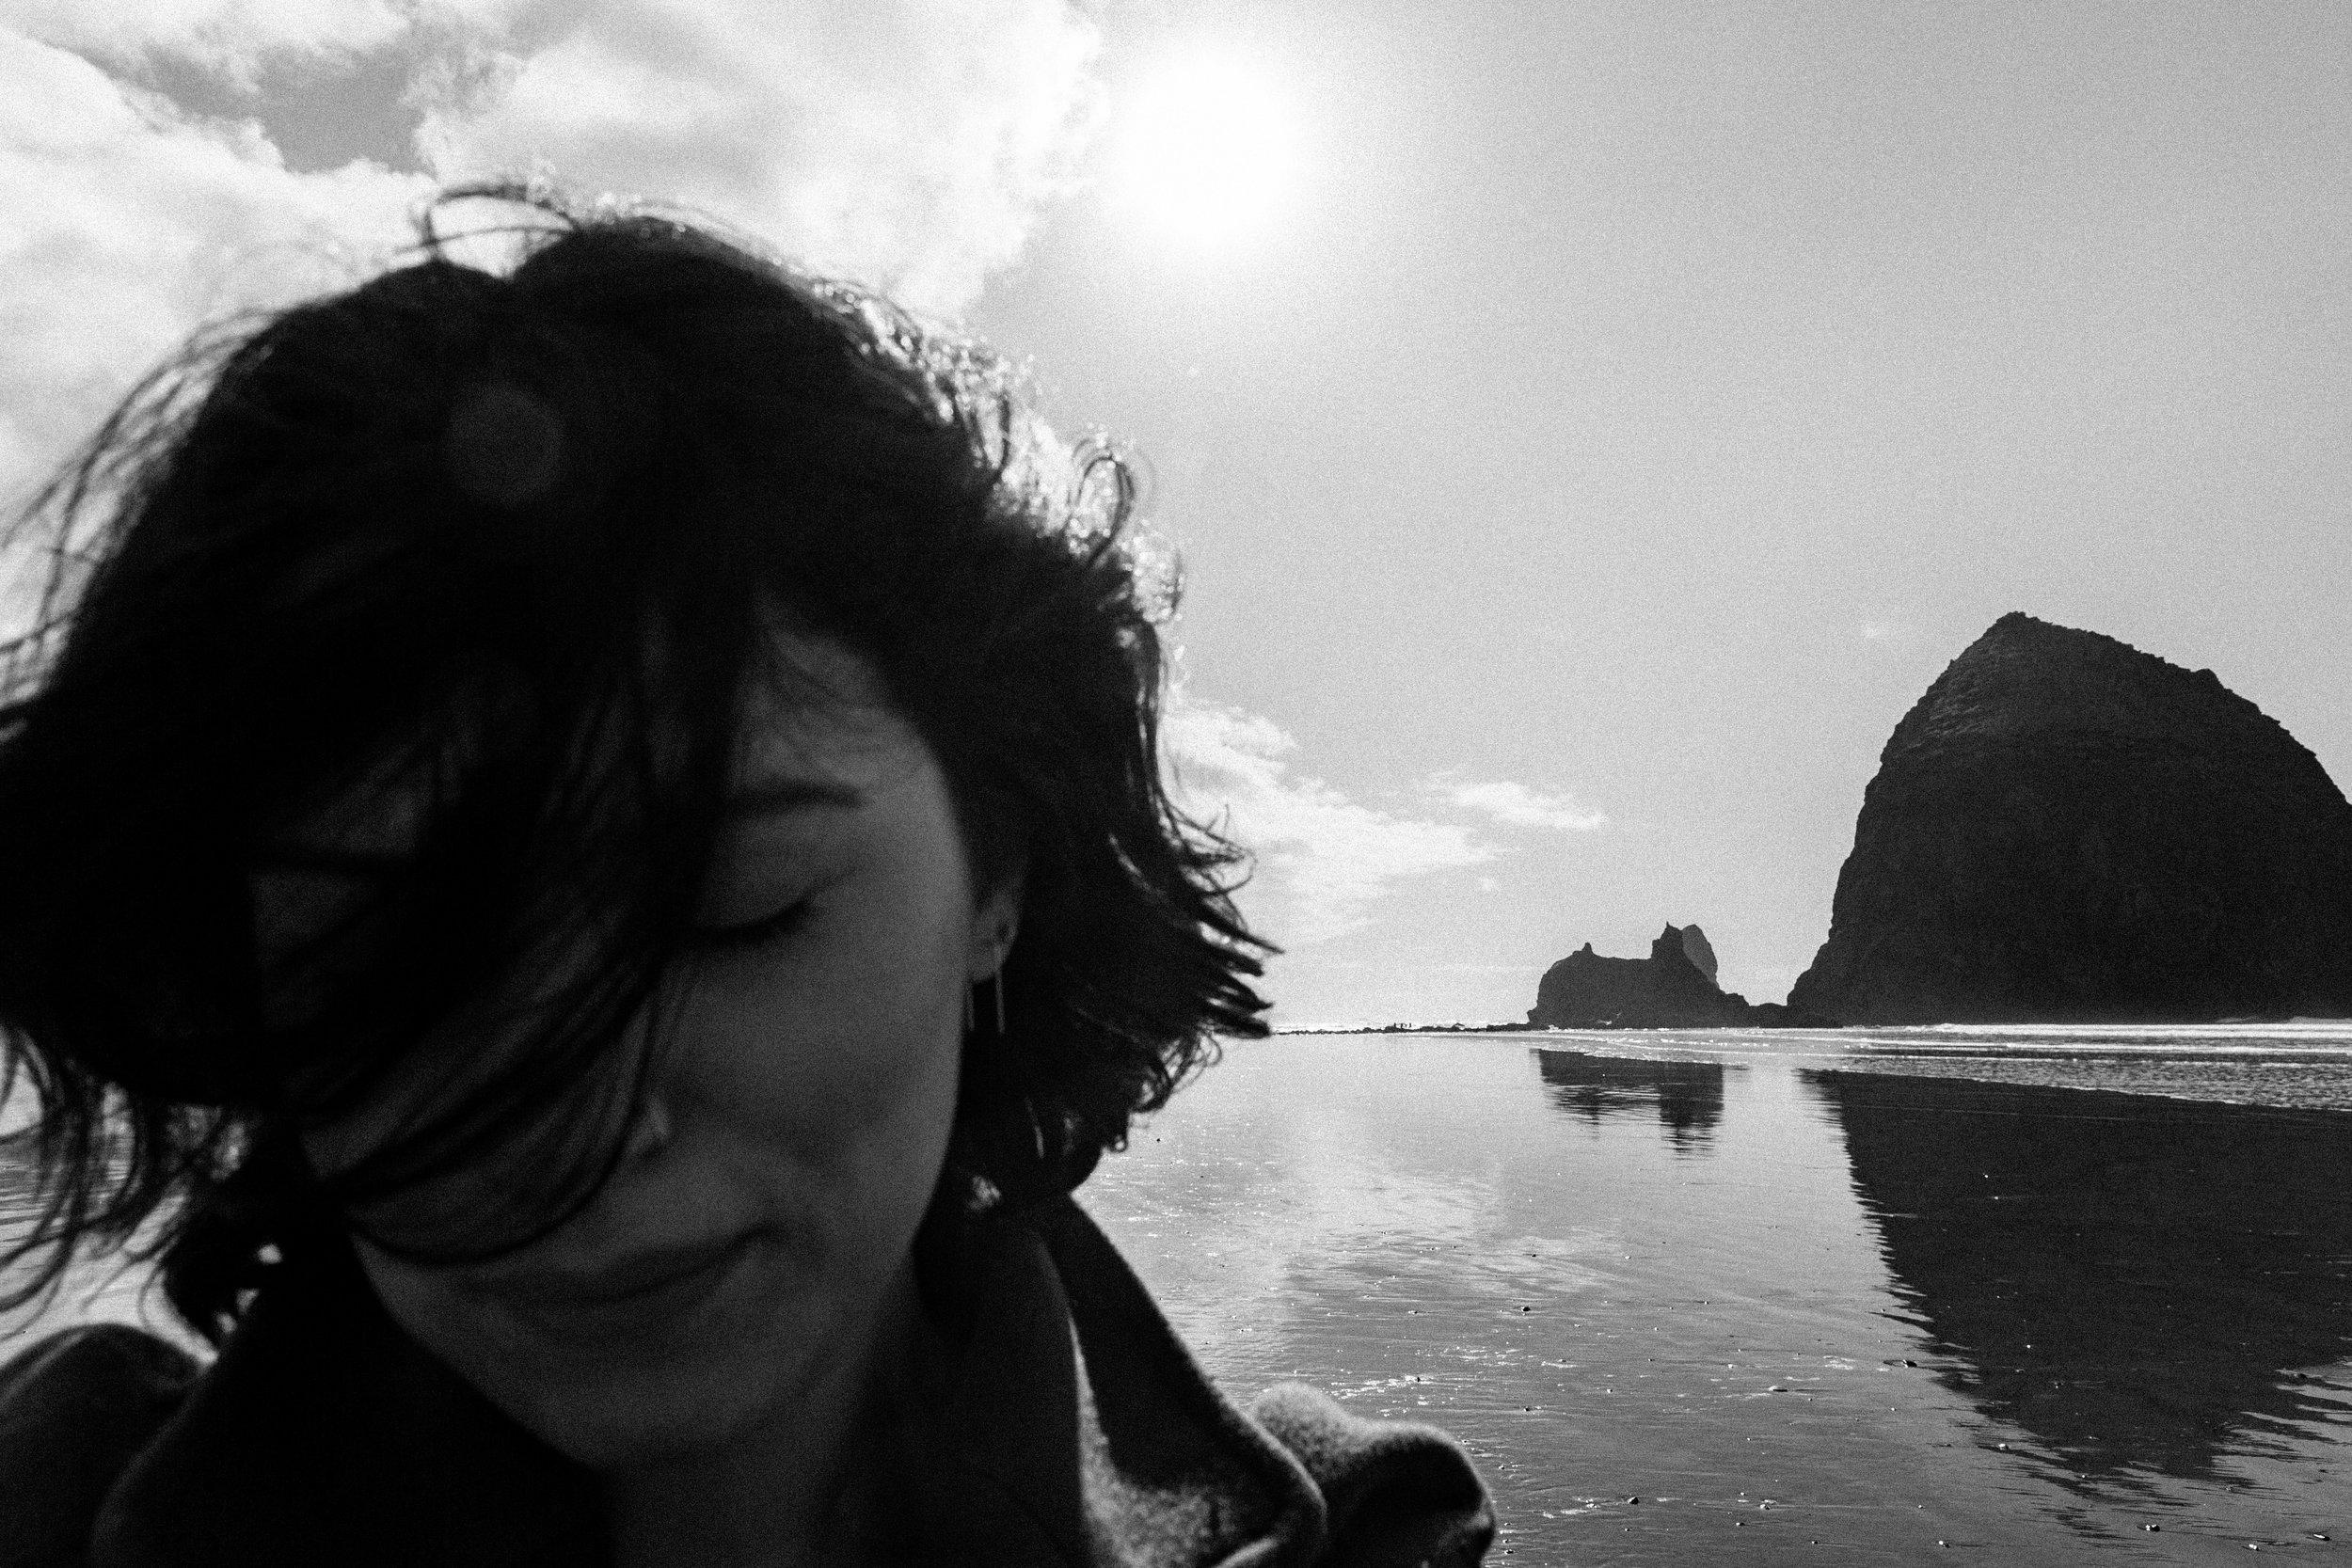 Selfie at Haystack Rock, Cannon Beach, Oregon.